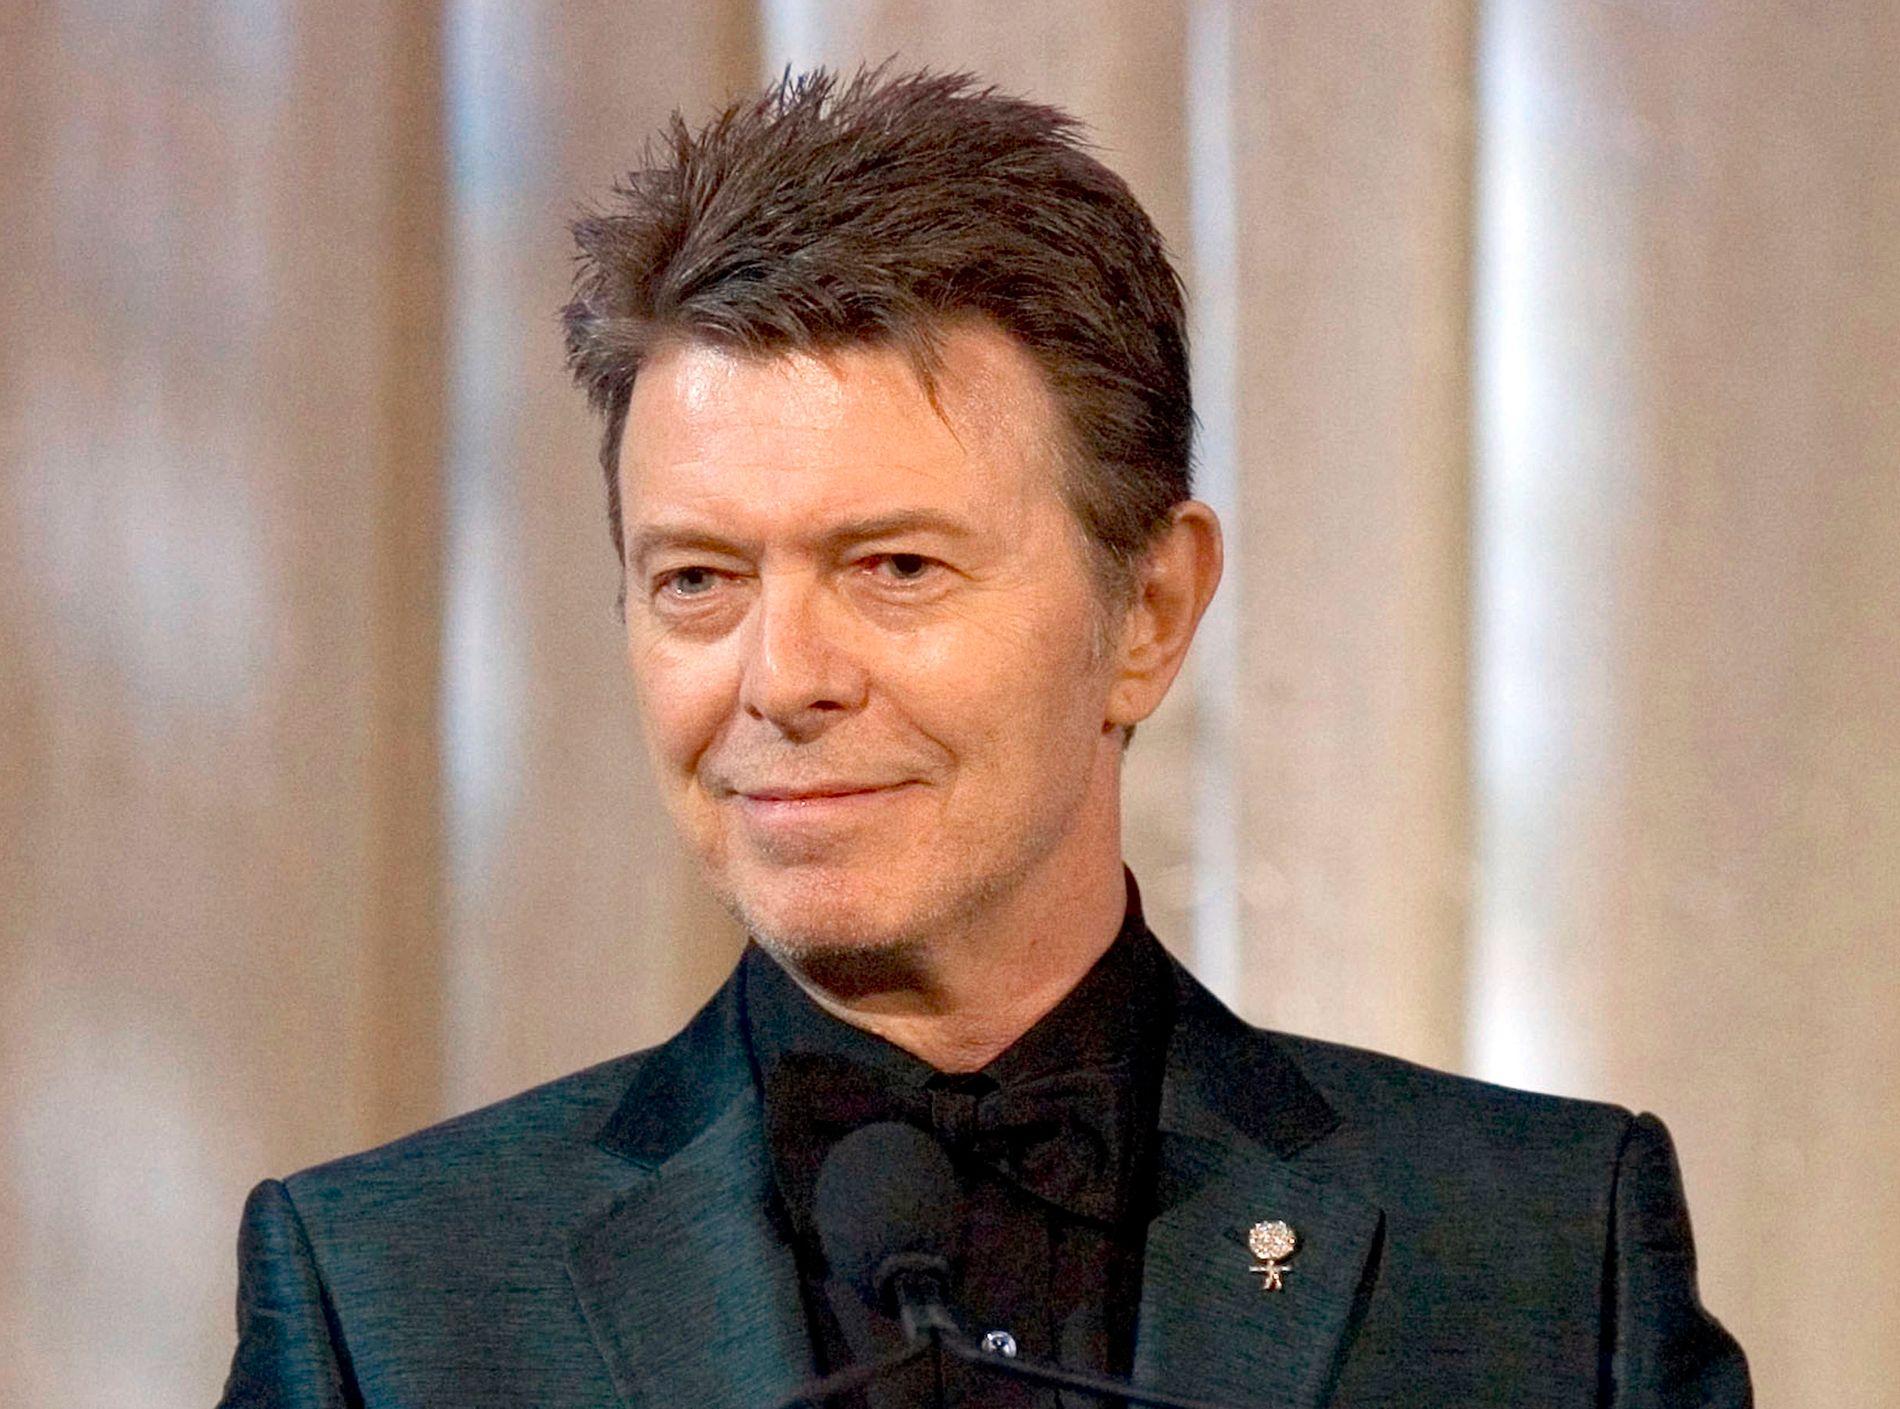 STARTET TIDLIG: David Bowie var allerede som 16-åring i gang med musikk-karrieren. Her er han avbildet i 2007.